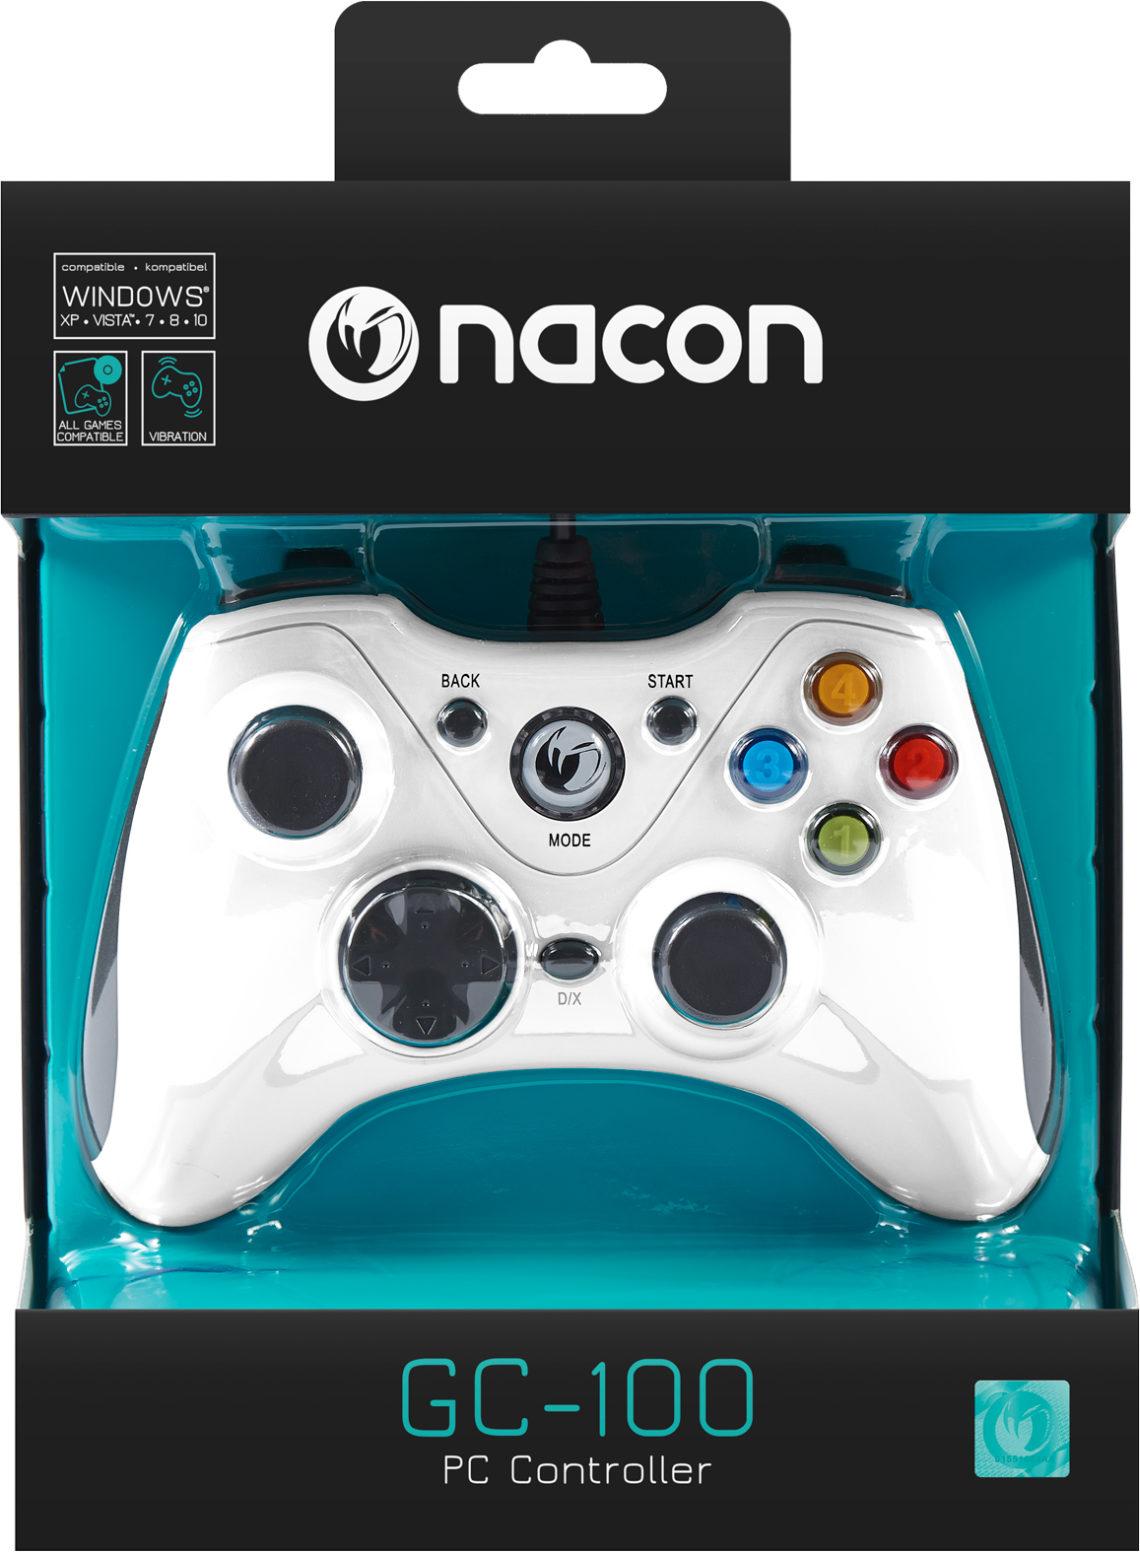 NACON PC Game Controller (Orange) PCGC-100WHITE - Image  #2tutu